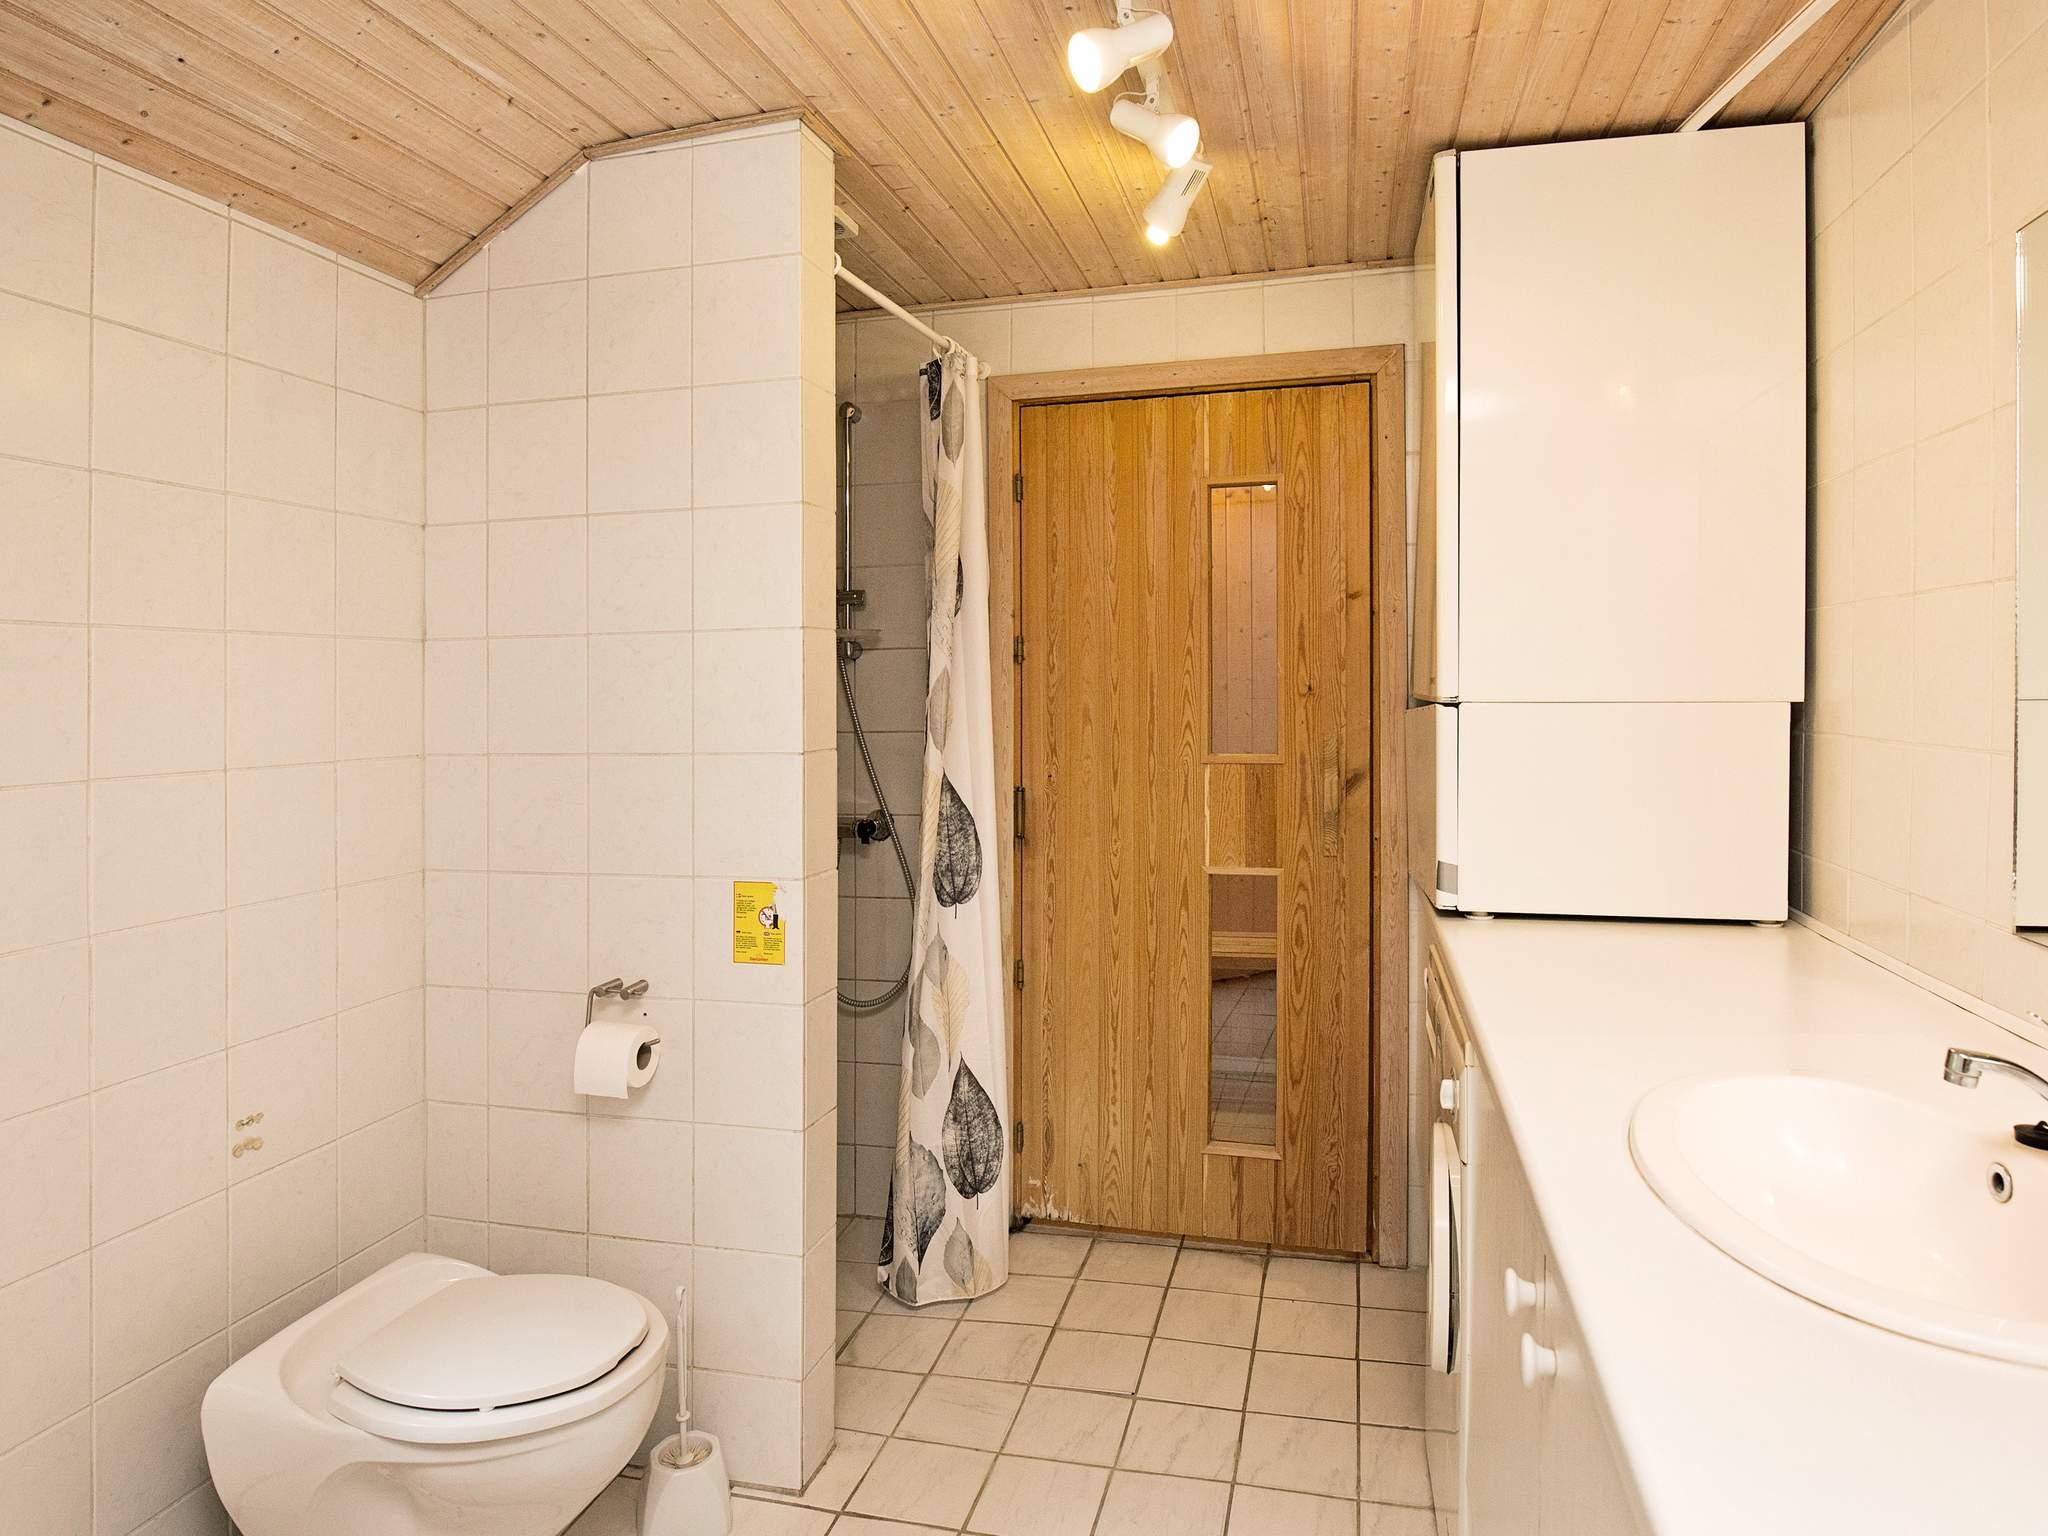 Ferienhaus Hummingen (84295), Hummingen, , Lolland, Dänemark, Bild 20